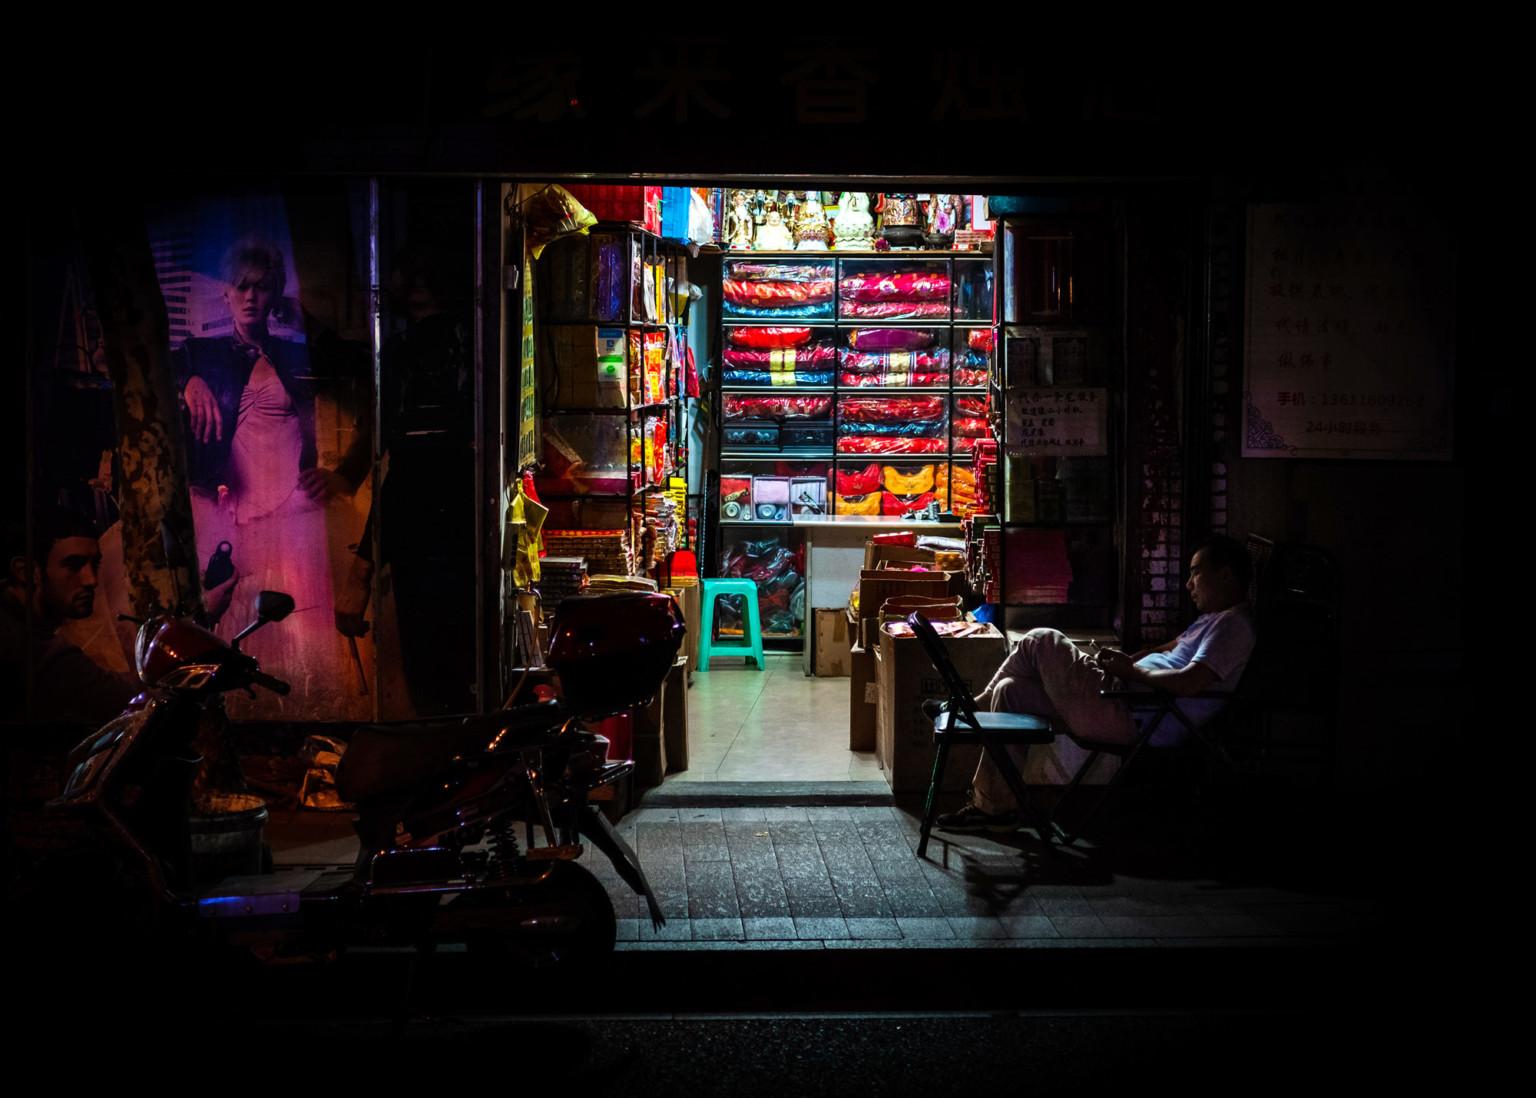 Ночные огни: атмосферные фотографии частных магазинов в Шанхае